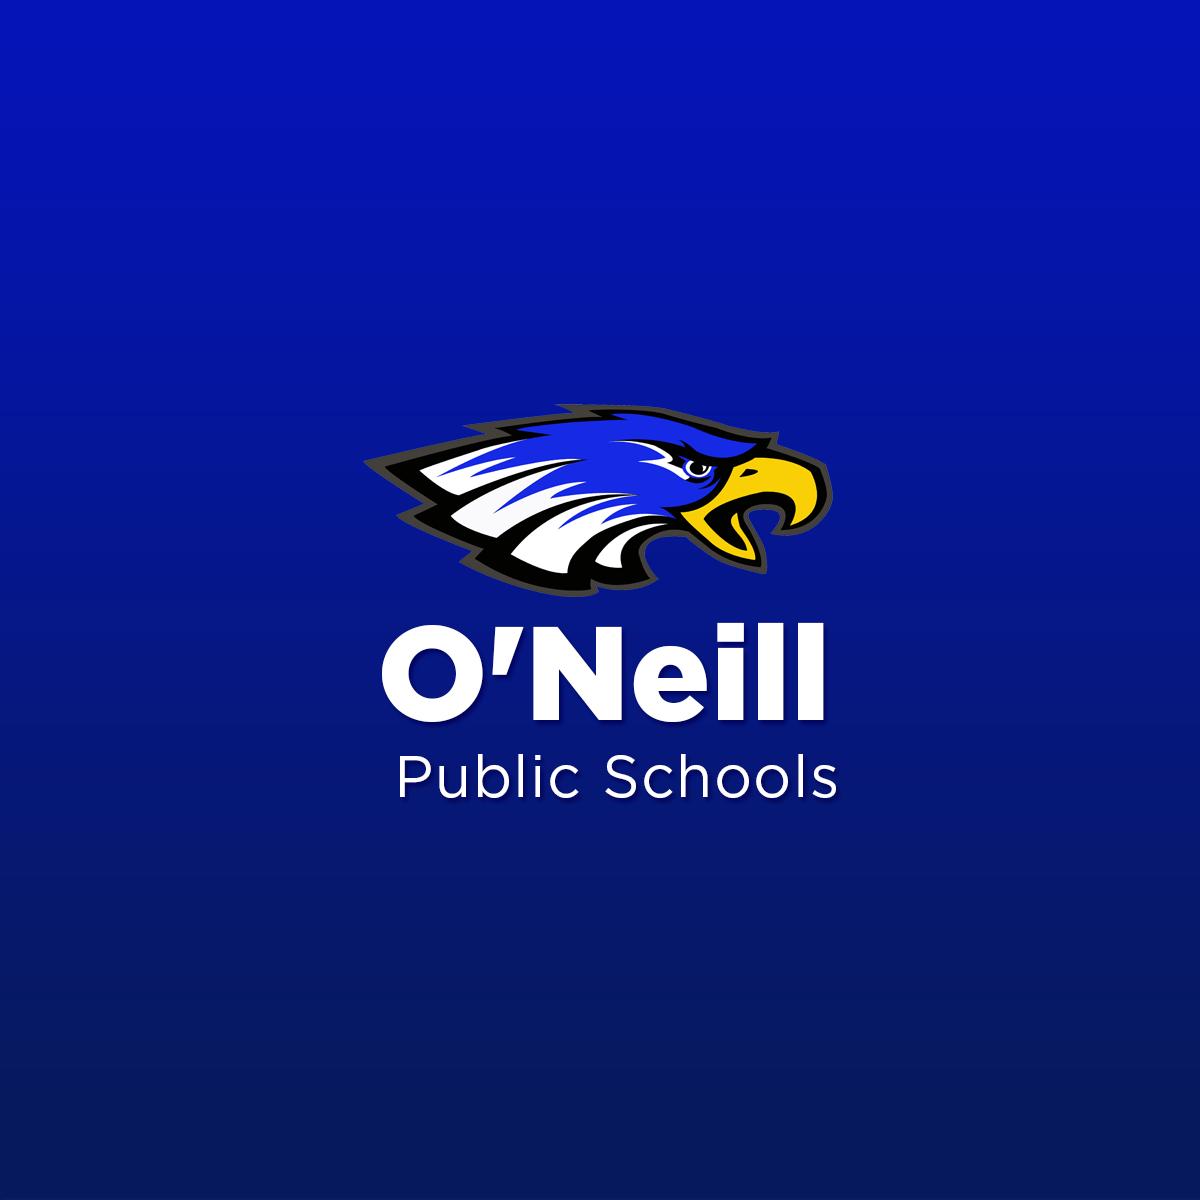 (c) Oneillpublicschools.org